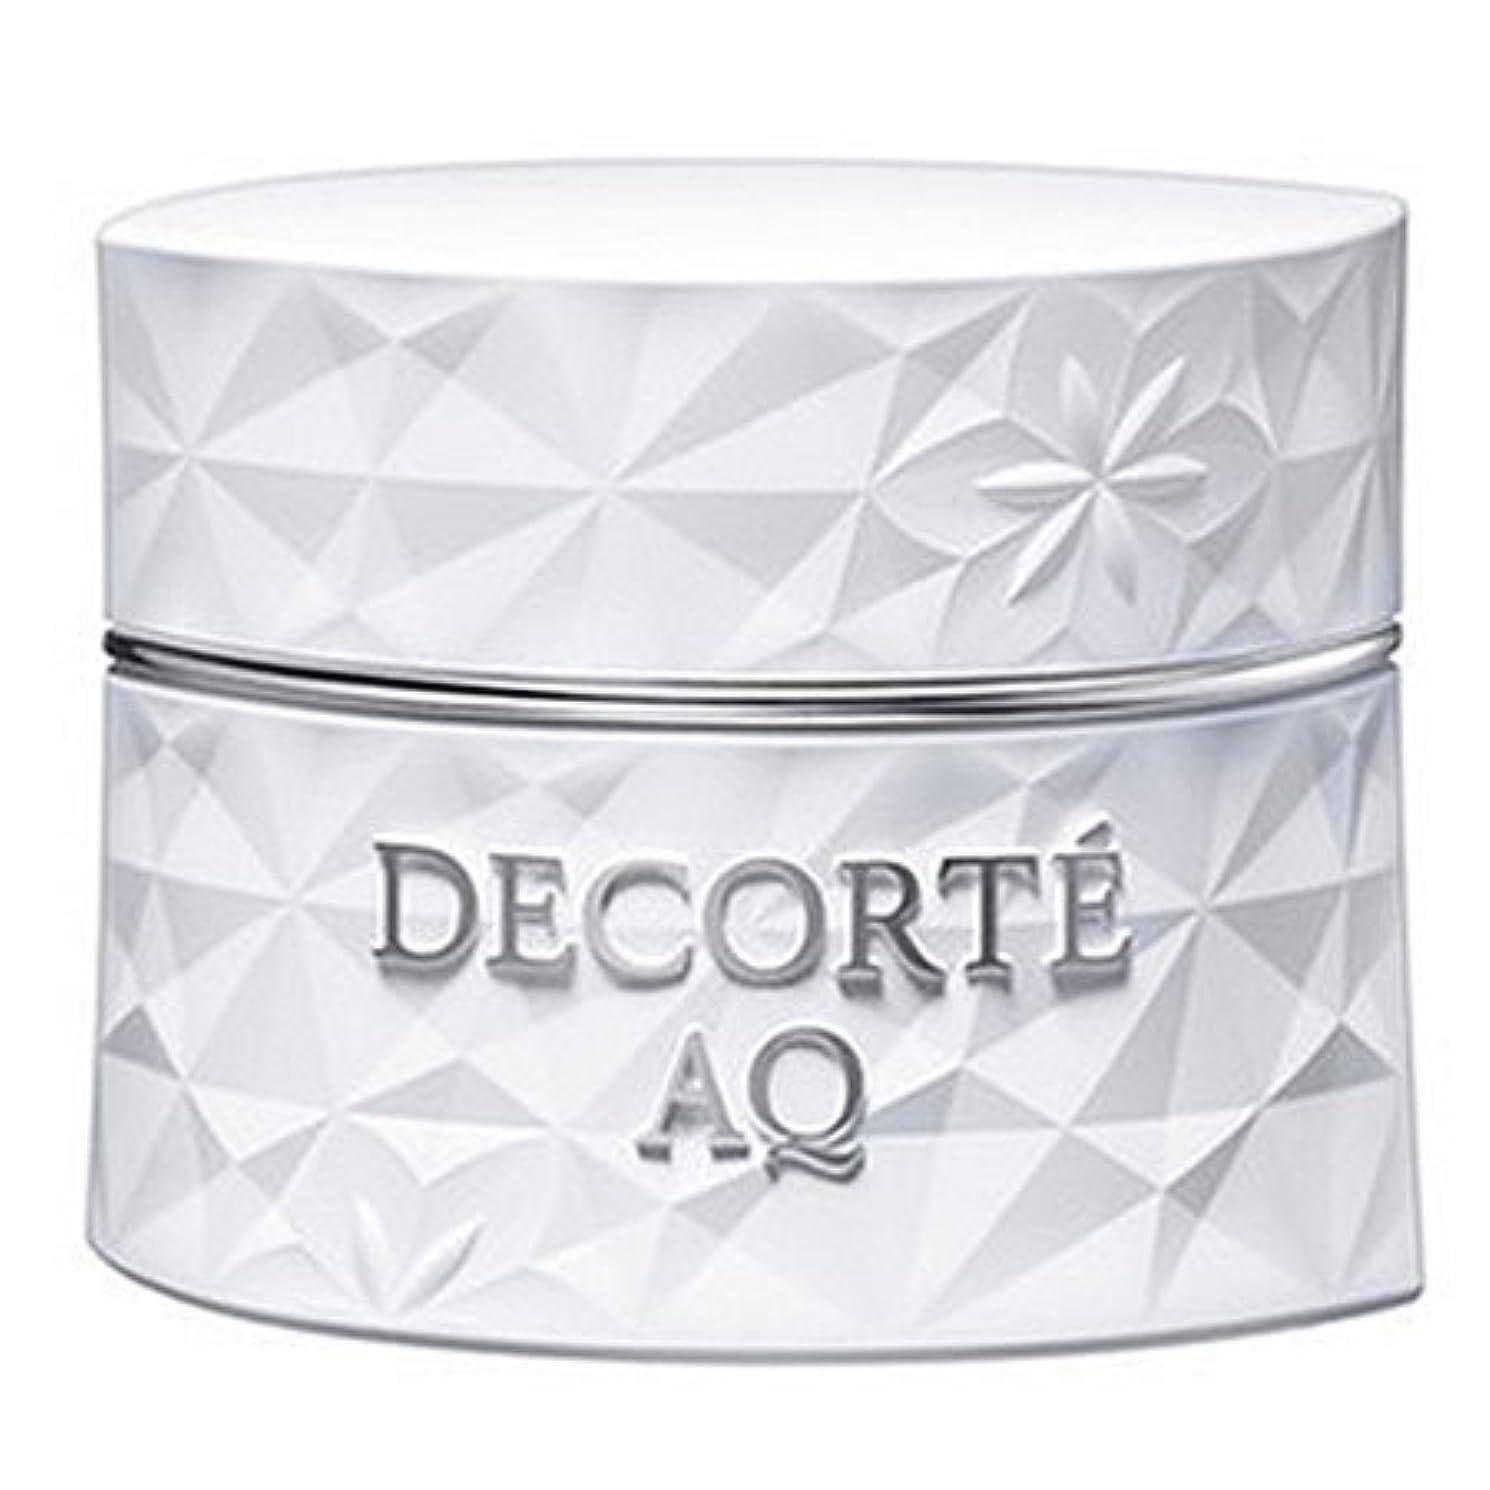 不適切なトランペット世代コスメデコルテ AQ ホワイトニング クリーム 25g-COSME DECORTE-